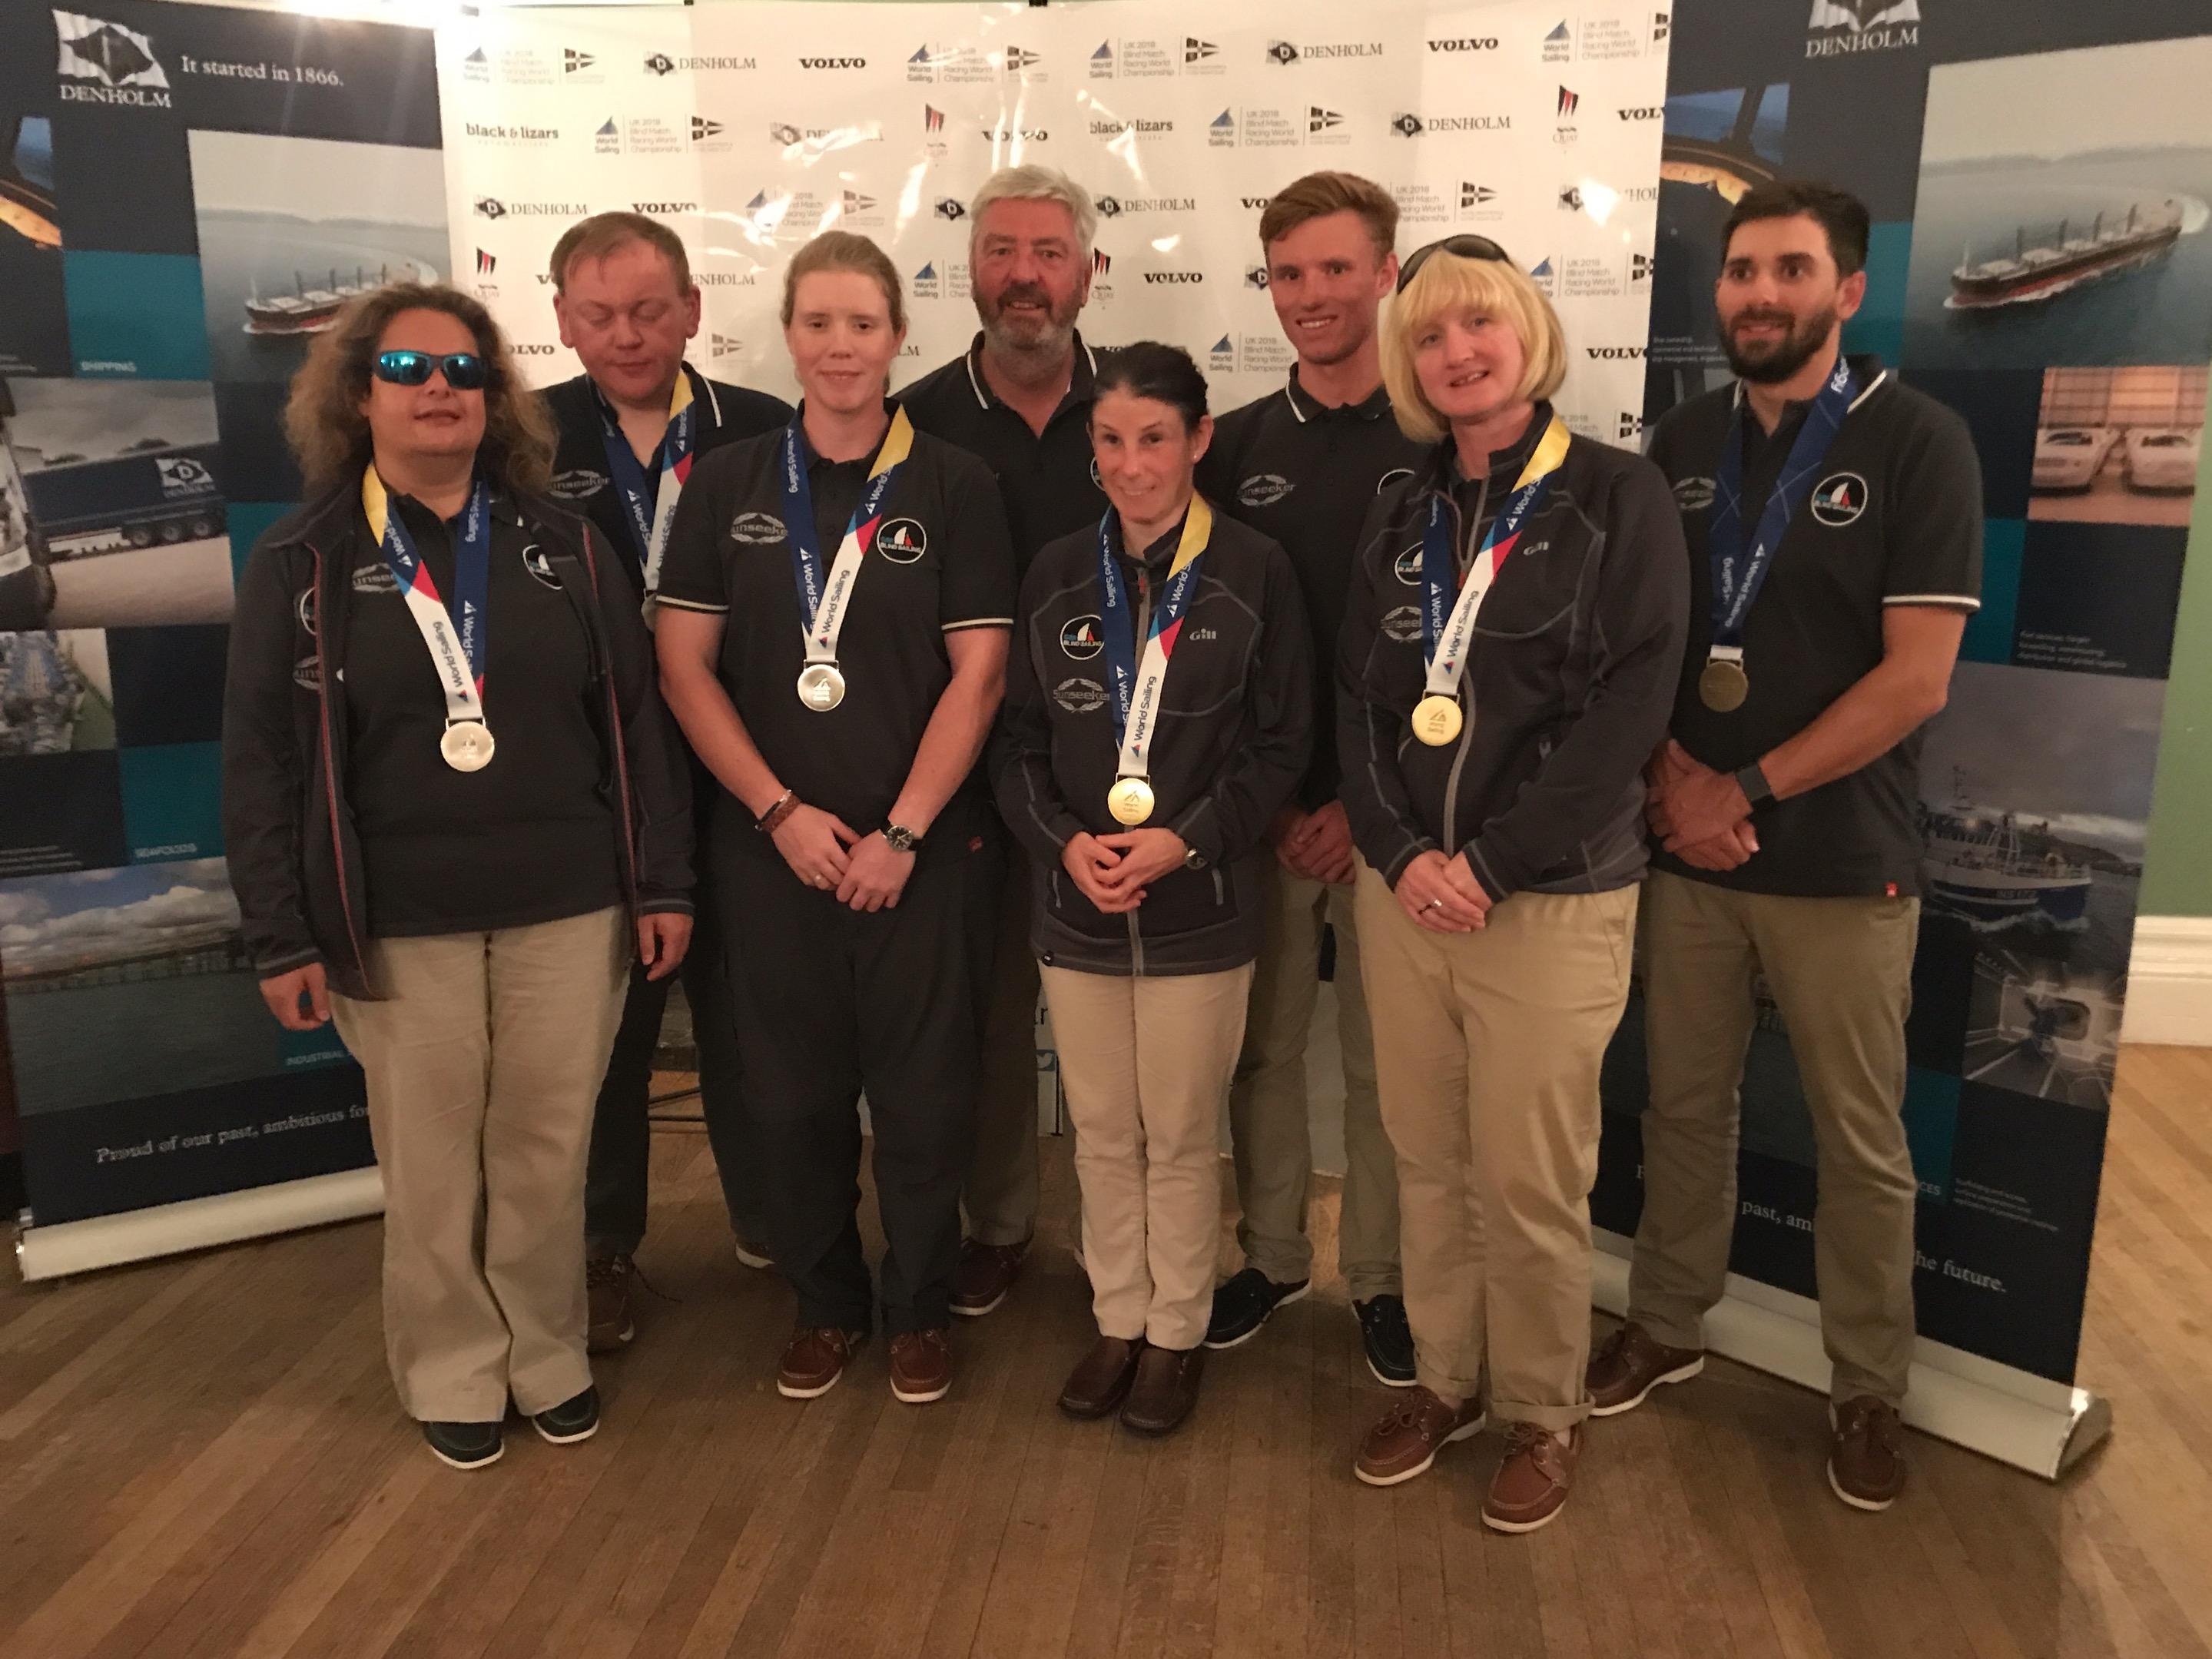 GBR Team Scottland